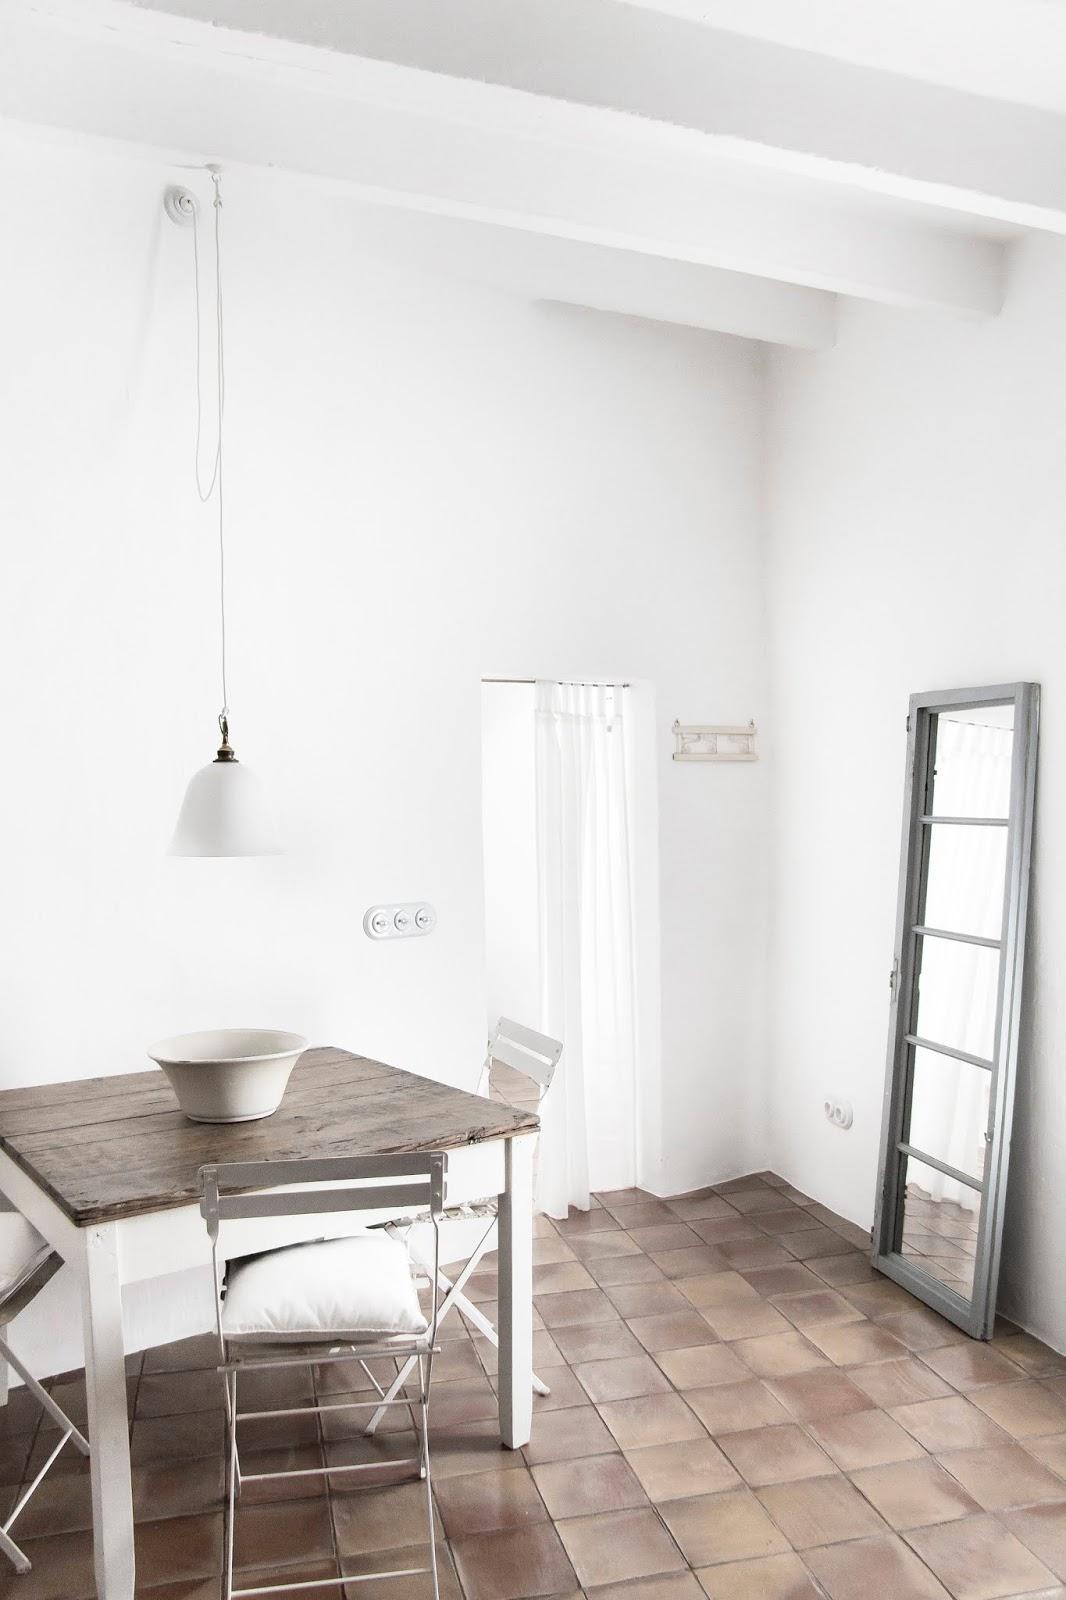 Minimalismo en blanco y madera